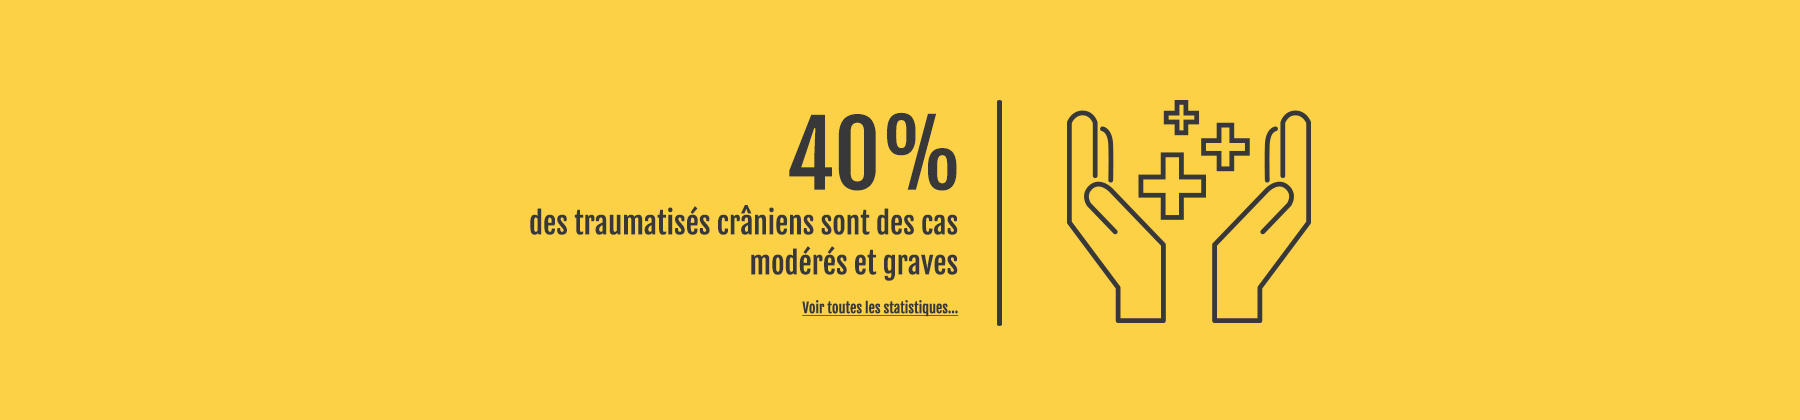 Statistiques modérés et graves